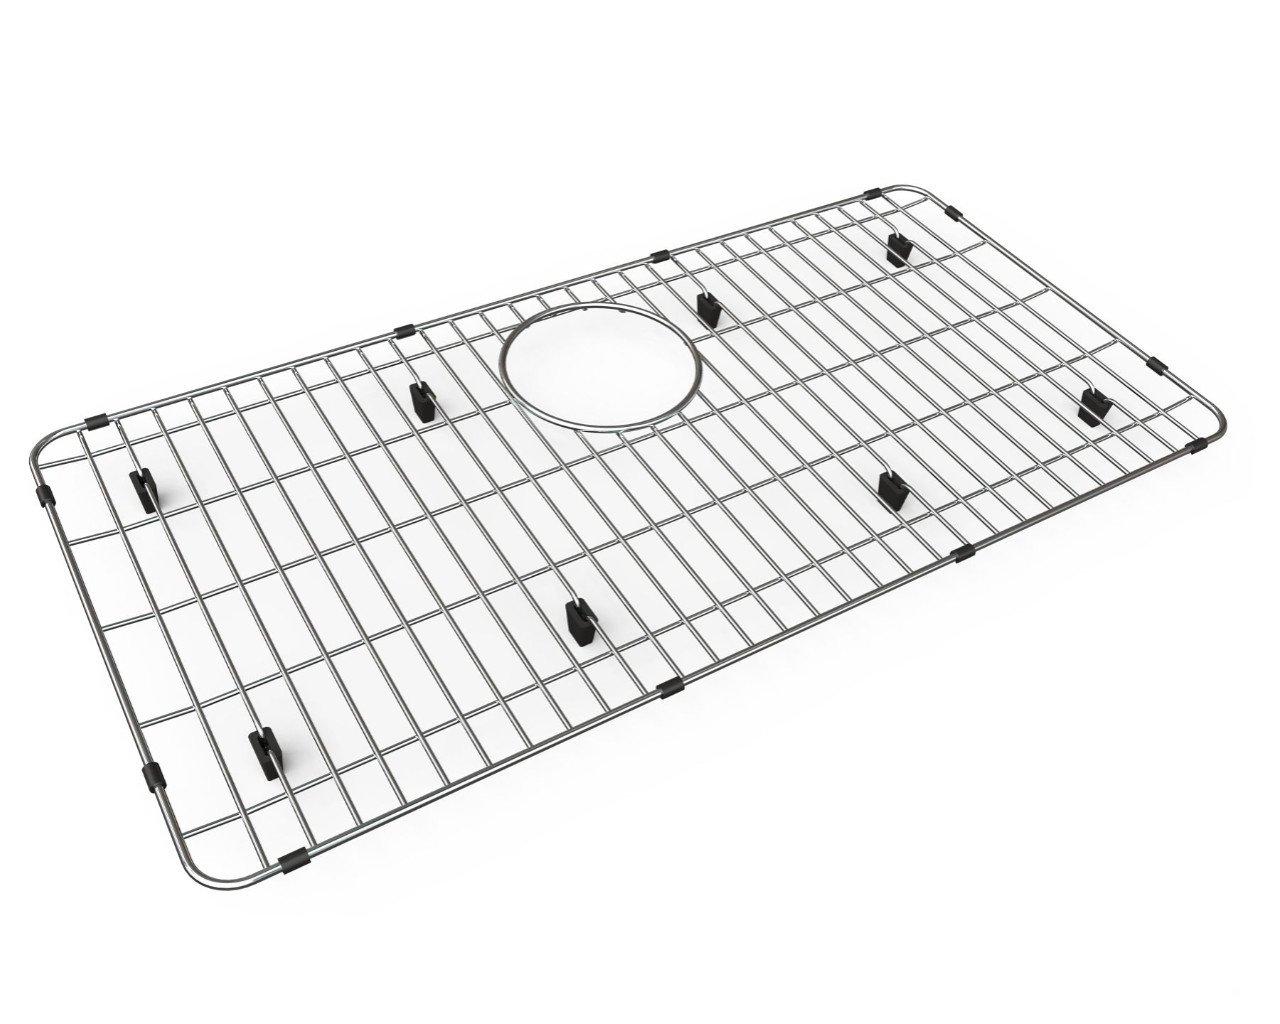 Elkay LKOBG2915SS Gourmet Bottom Grid for ELGR(U)13322, Stainless Steel by Elkay